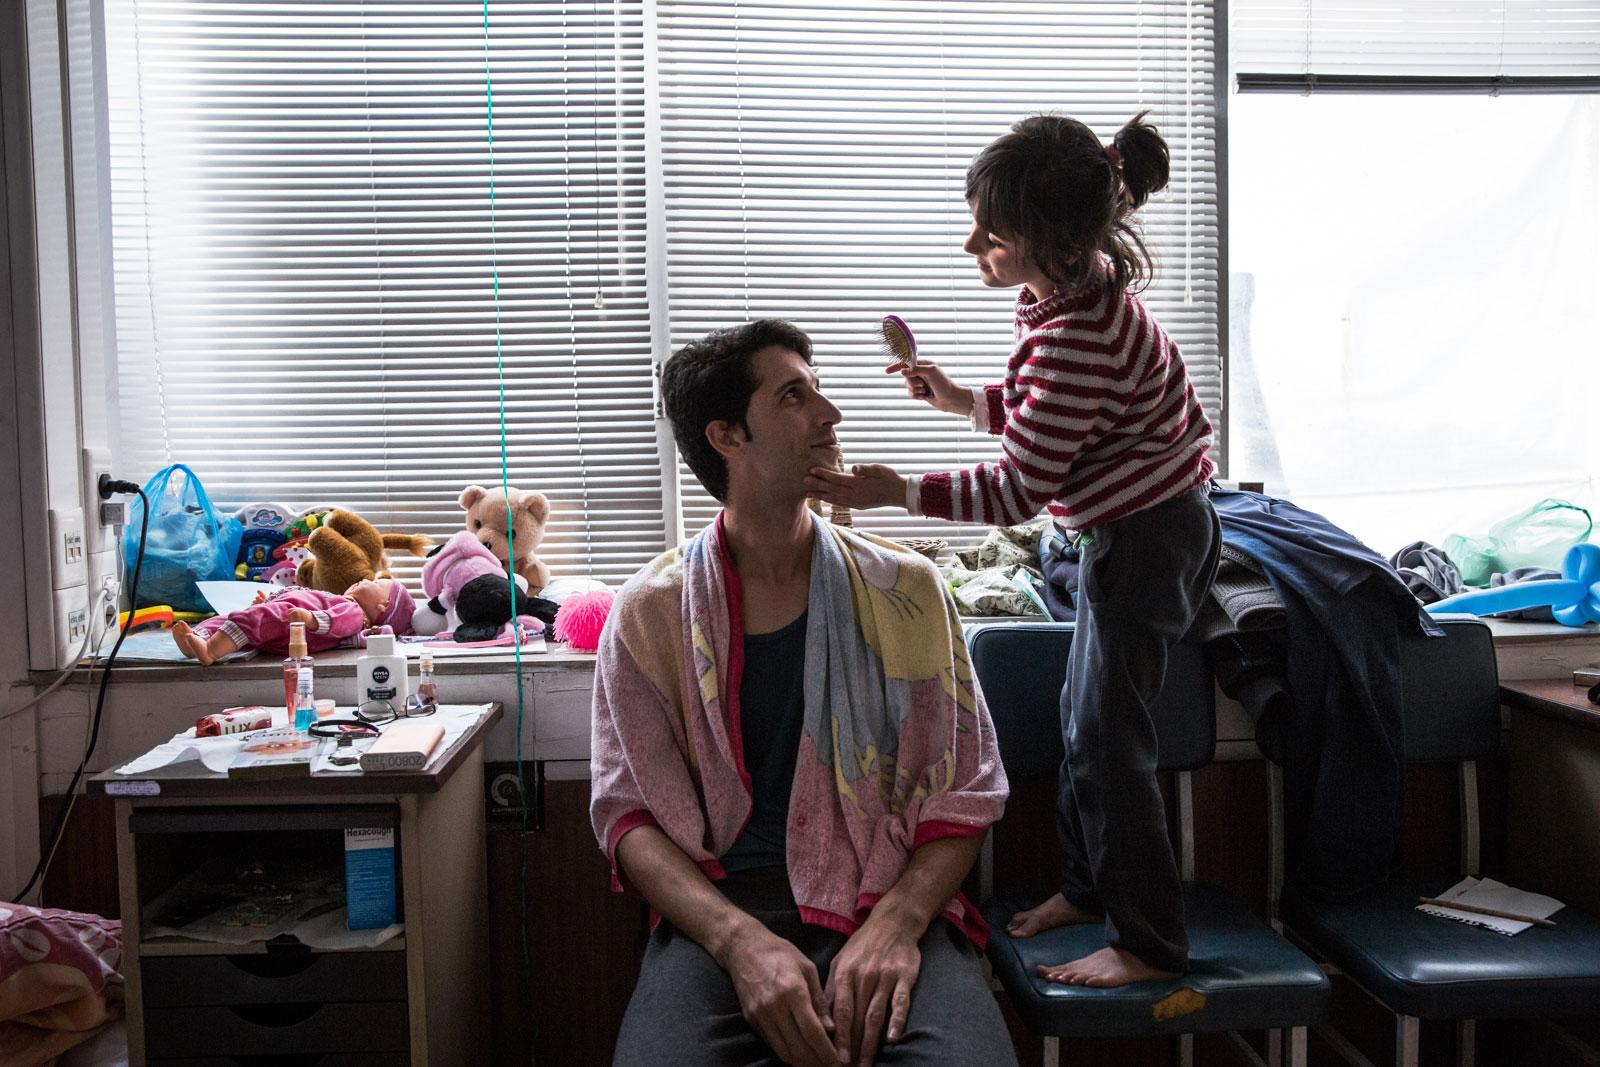 Hadis (6) menyisiri rambut ayahnya. Orang tua tunggal ini, Iman (31), lari dari Iran karena dia dan anaknya beragama Kristen. Saat batas-batas negara ditutup, dia mencari pengungsian di Yunani namun mungkin dalam beberapa tahun dia akan pindah ke Findlandia, tempat saudara perempuannya tinggal.